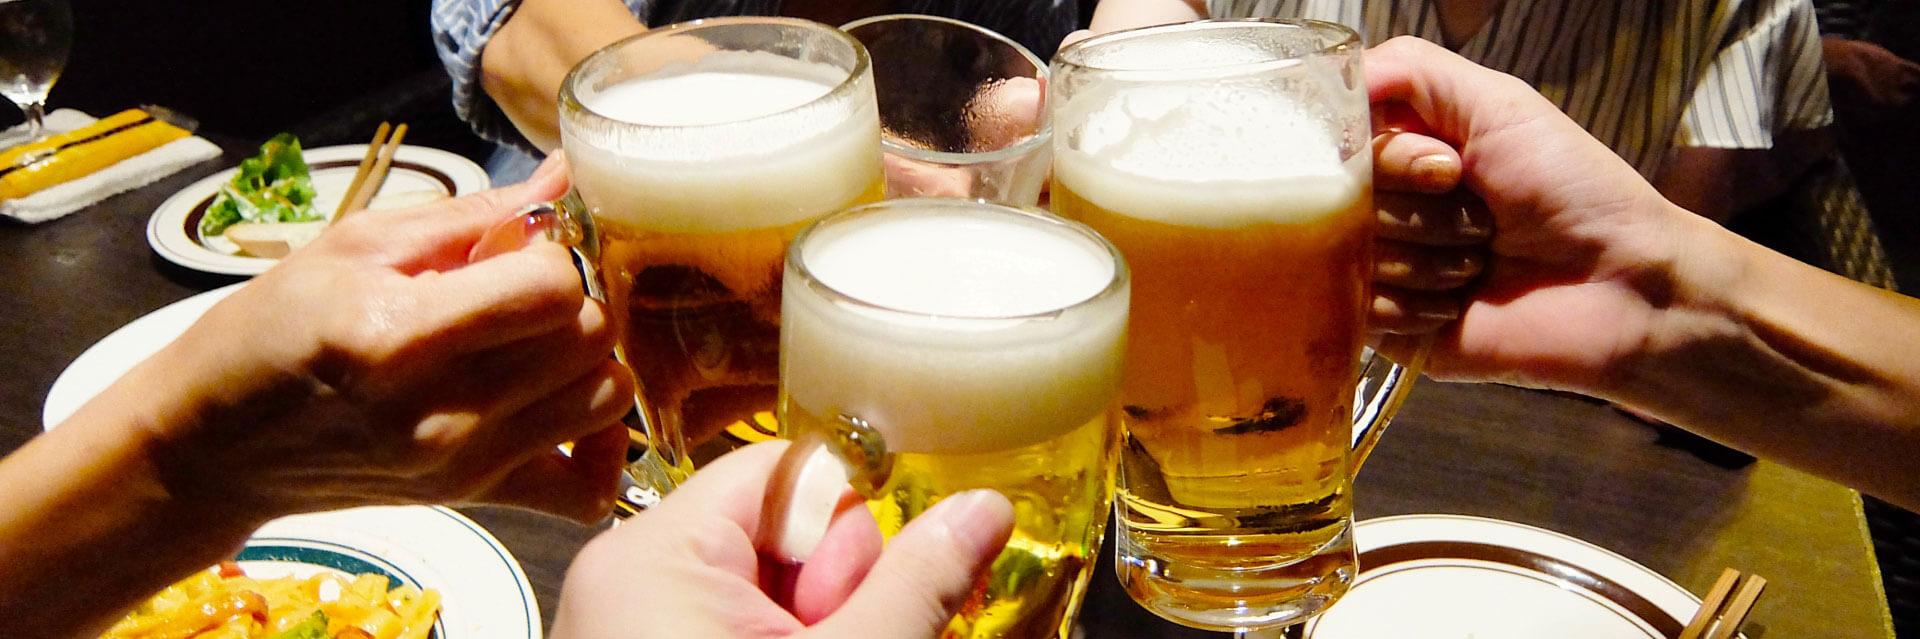 ビールのスライド画像